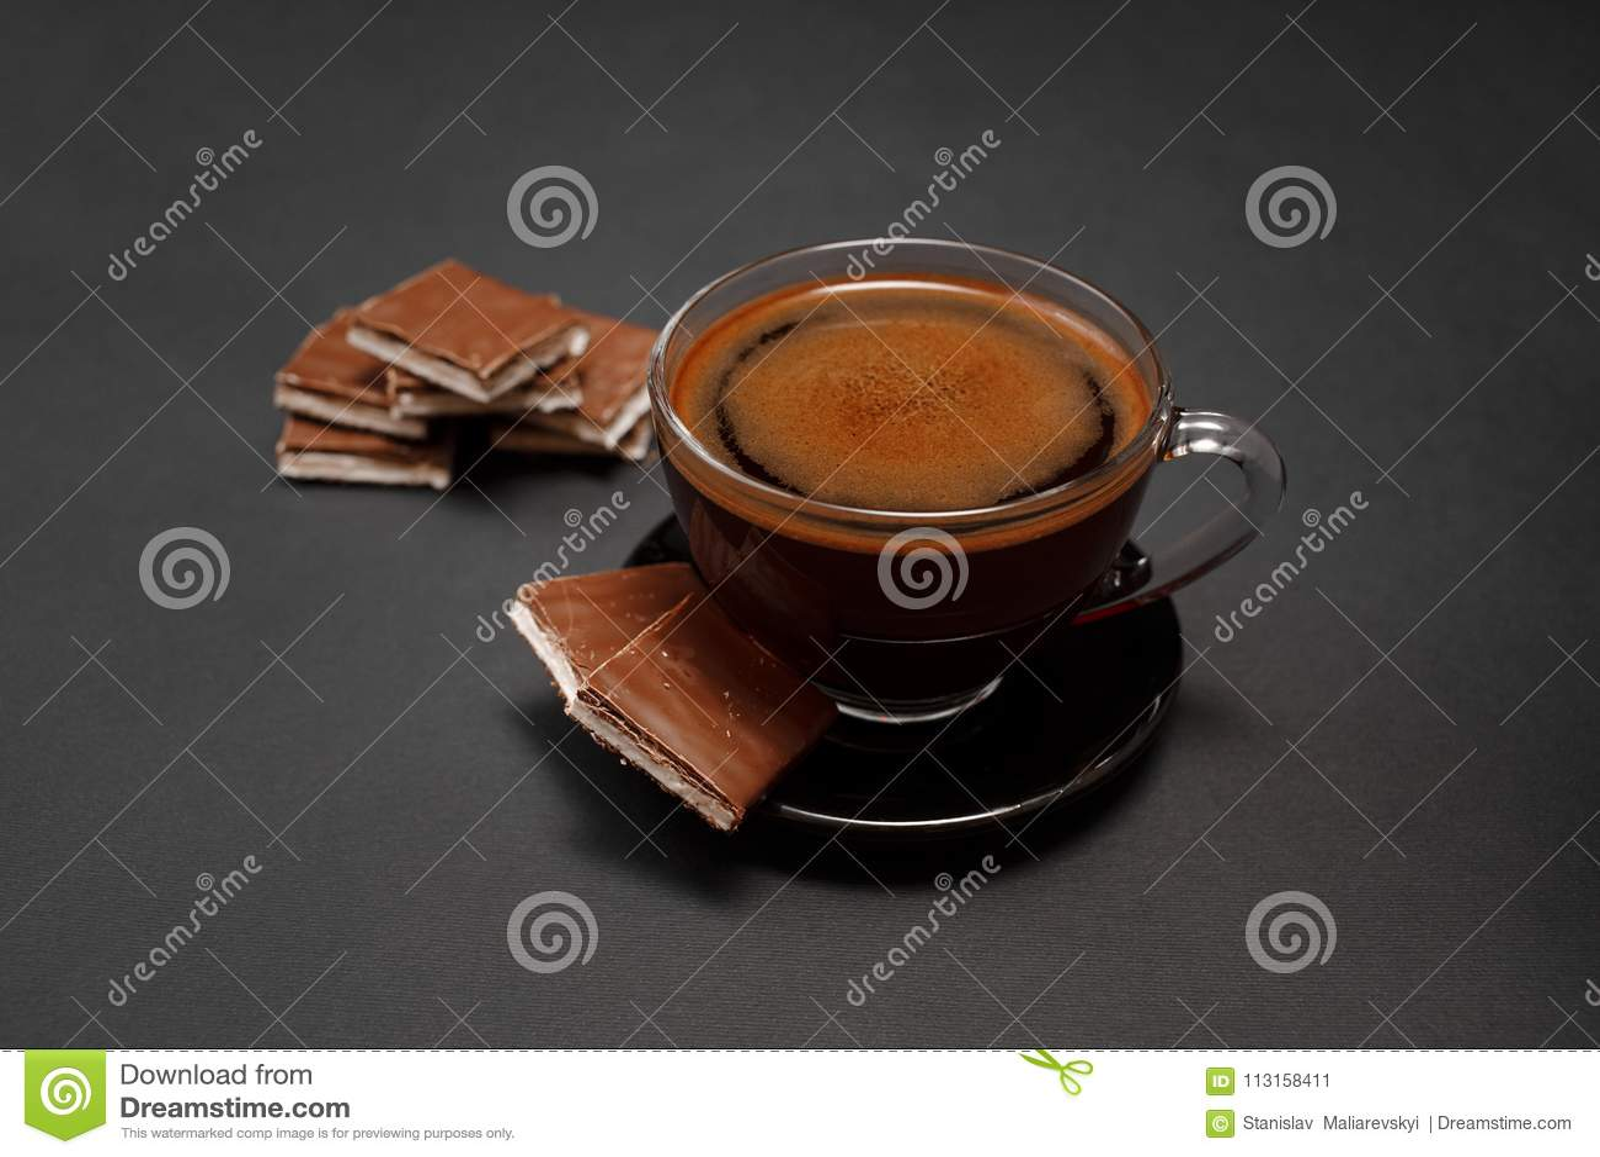 Μαύρος, φυσικός, ευώδης καφές στο διαφανές φλυτζάνι σε ένα μαύρο υπόβαθρο, με τη σοκολάτα γάλακτος